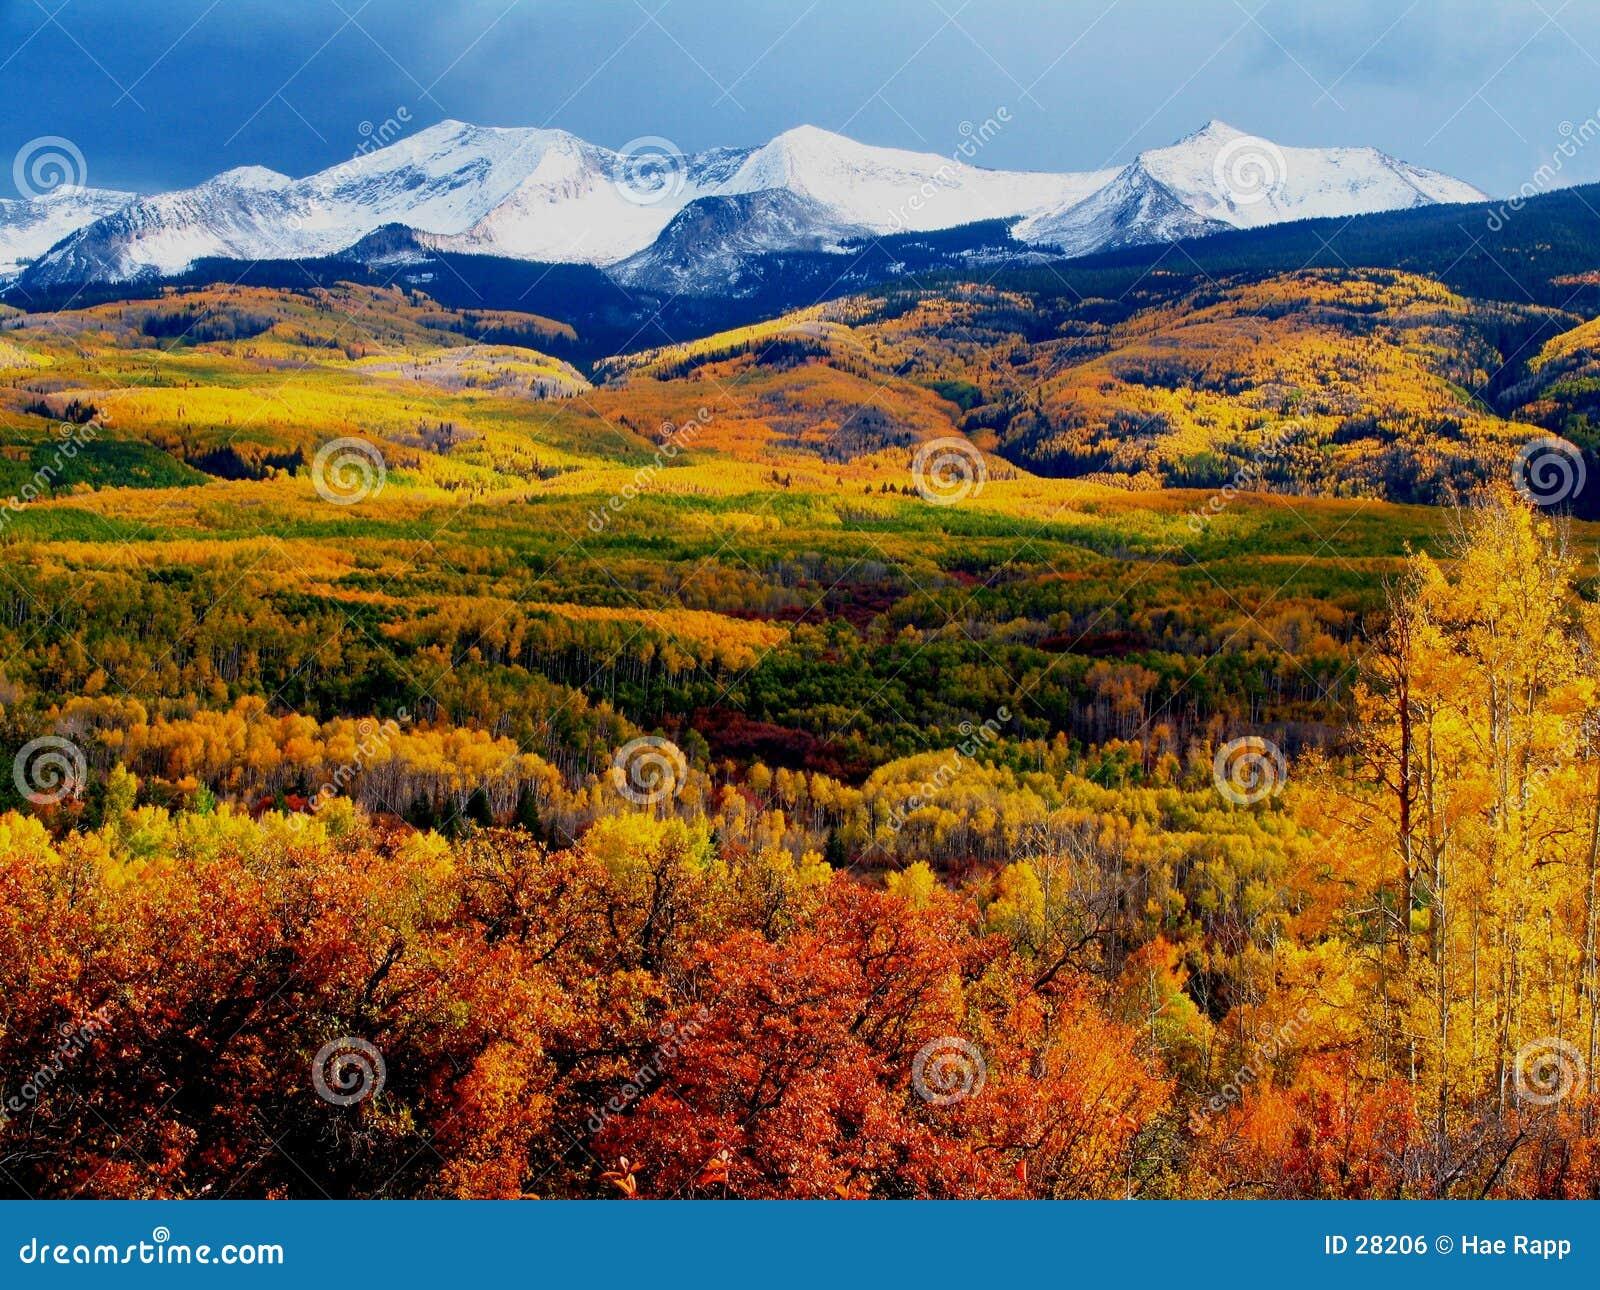 Download Upadek góry zdjęcie stock. Obraz złożonej z jesienny, kolor - 28206